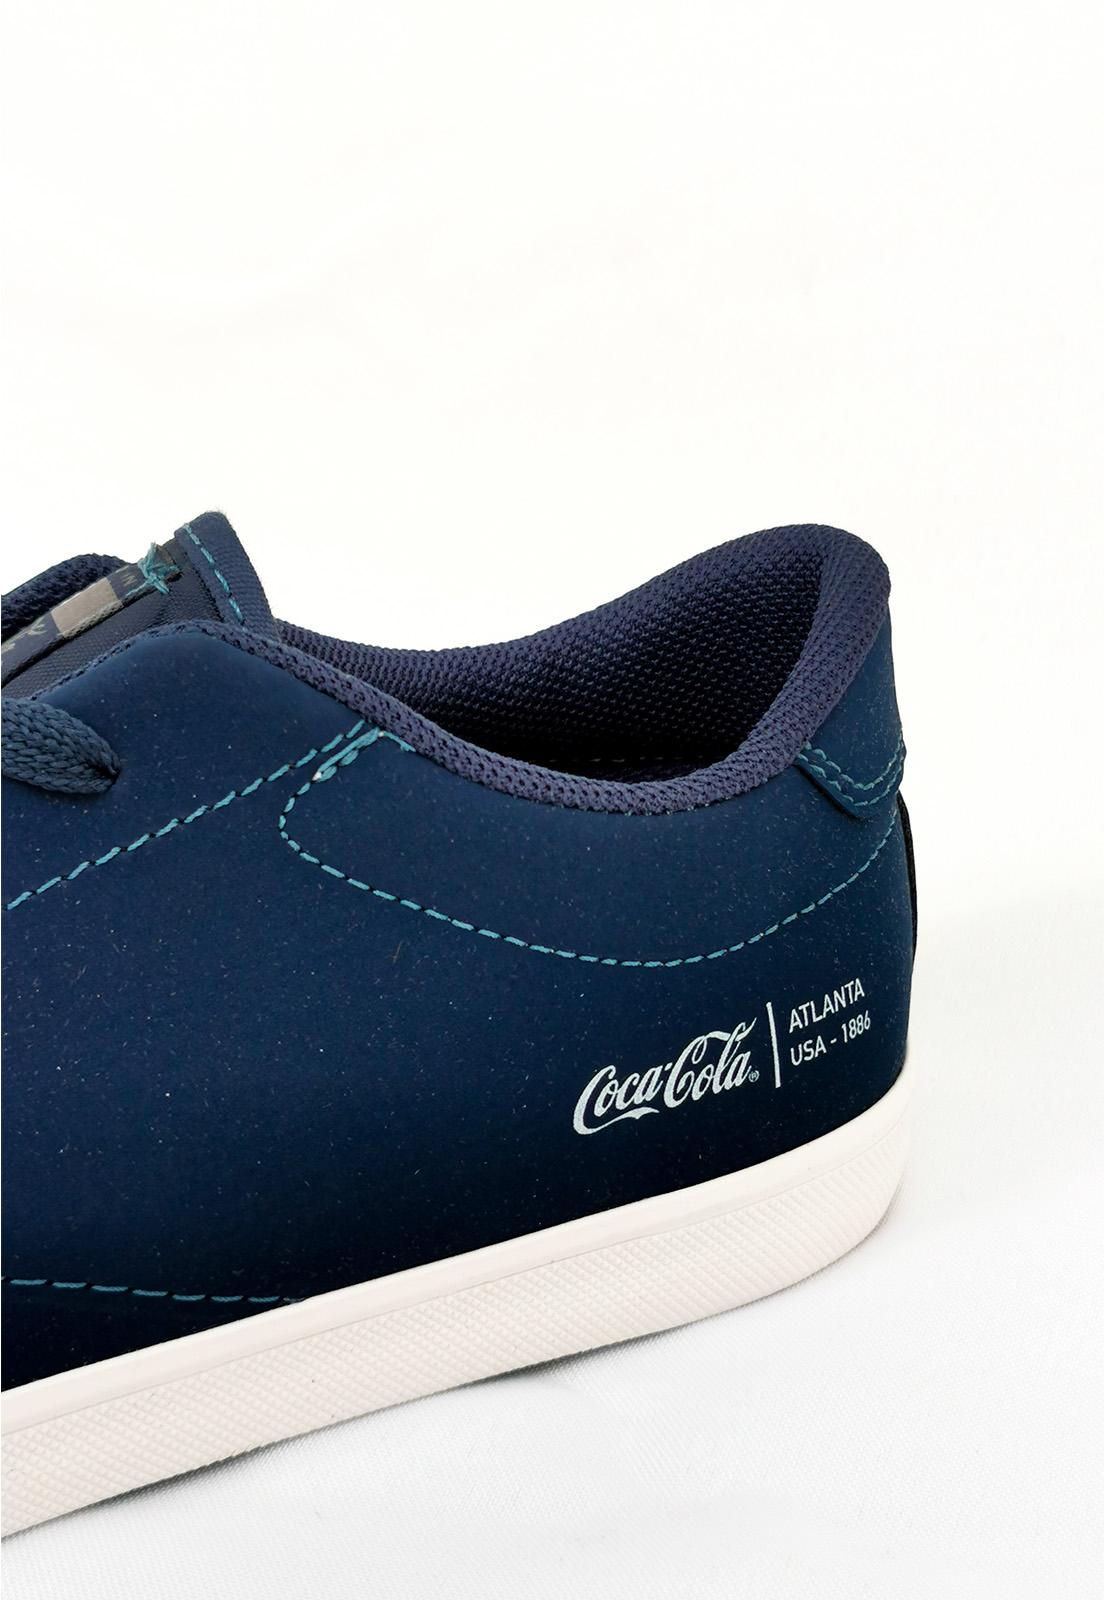 Tênis Coca-Cola Yankee Azul Marinho